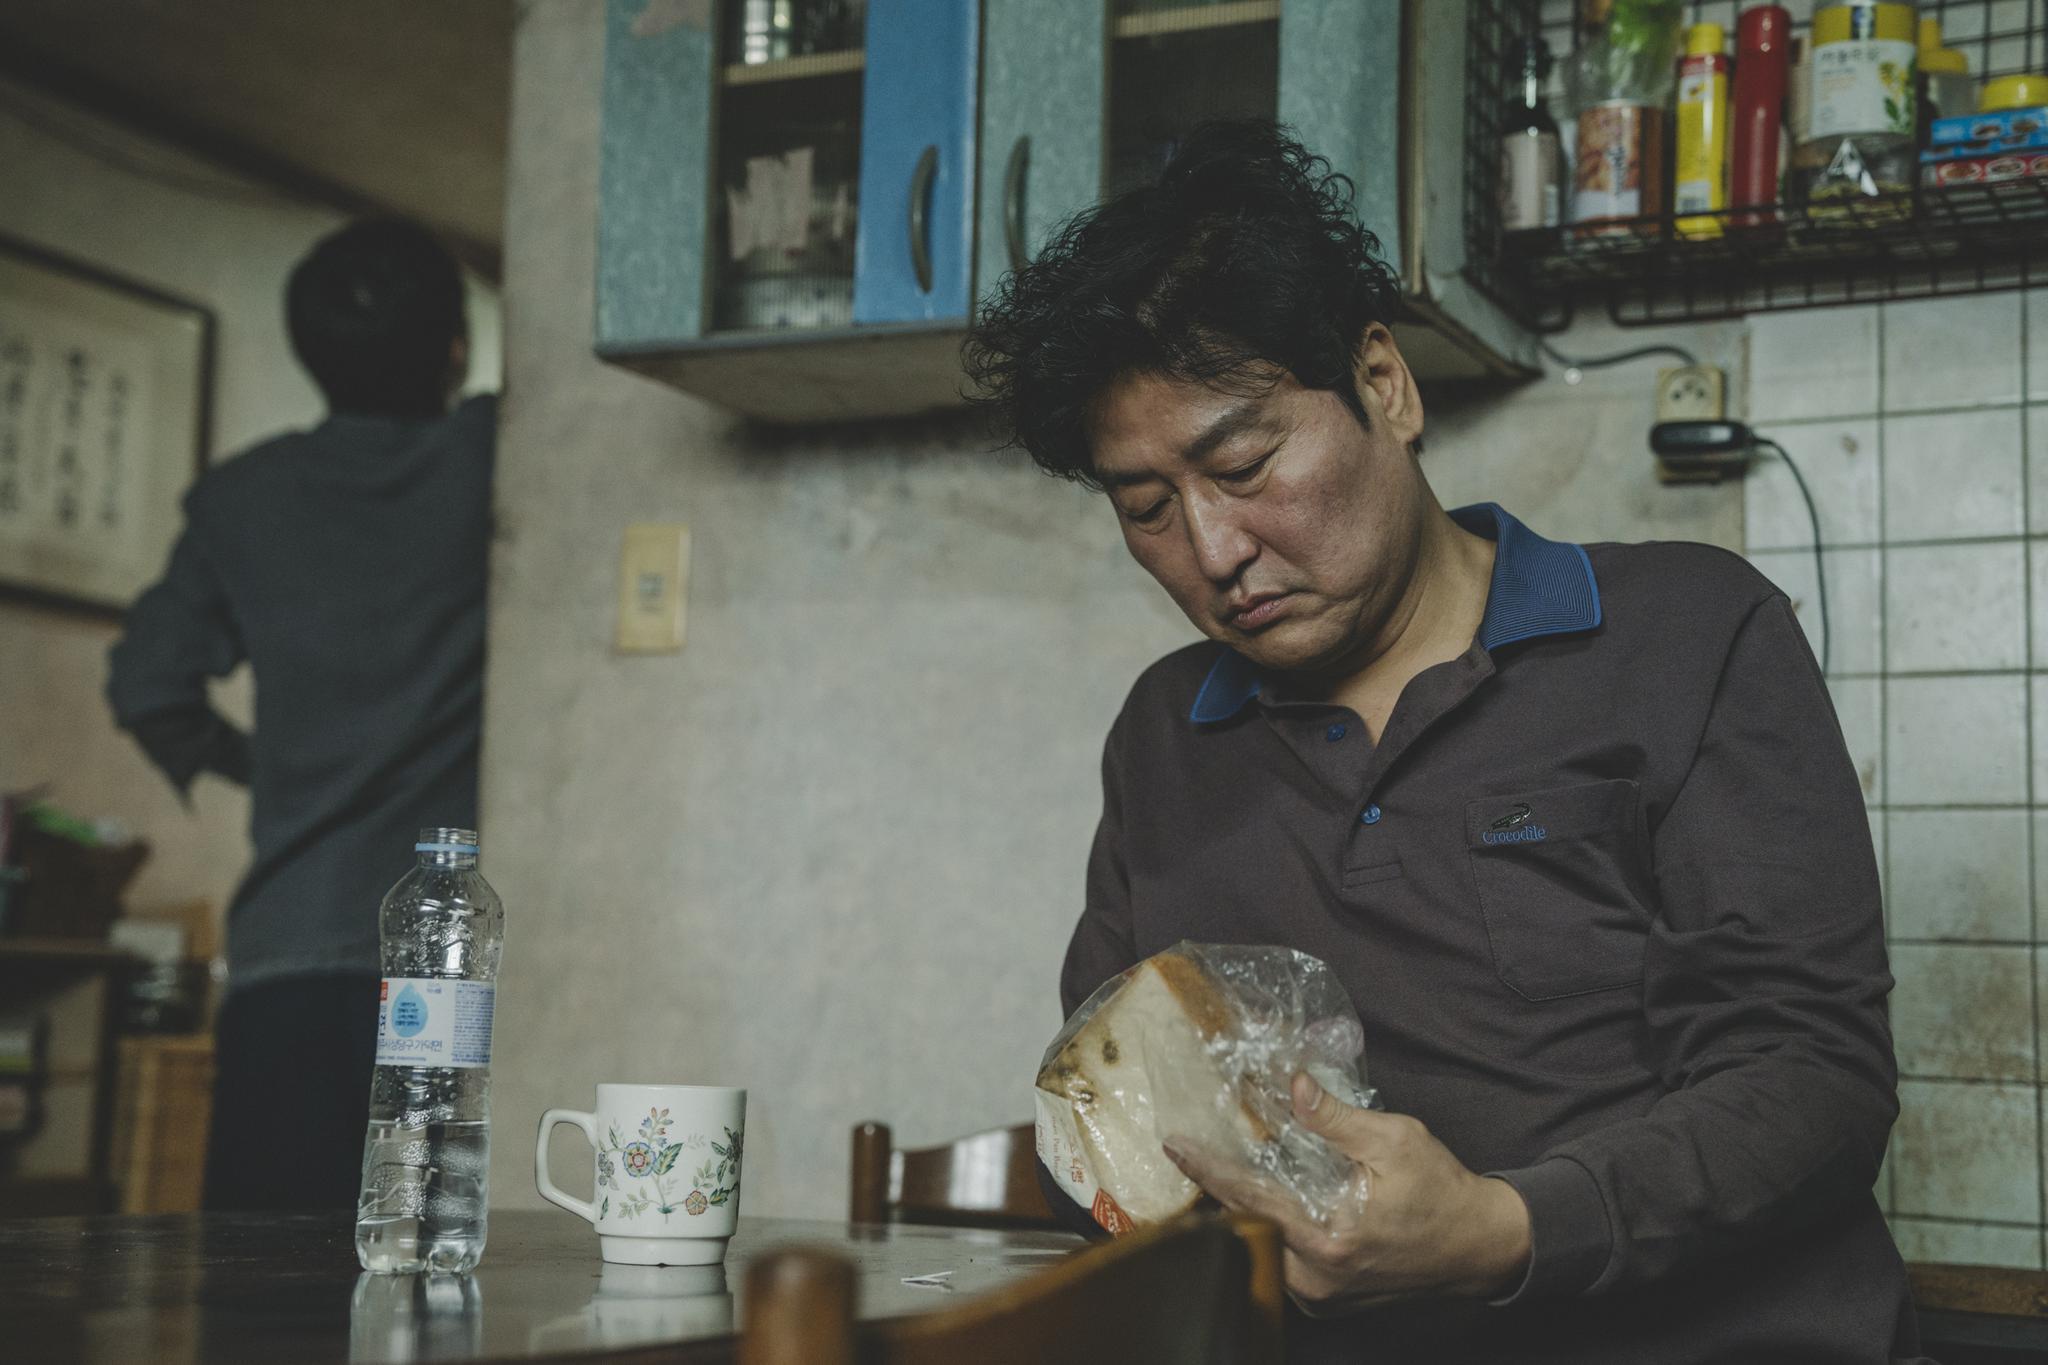 用微信支付赌钱游戏 - 杭州男子酒后闹事,行为令人无语「杭州交通918关注」